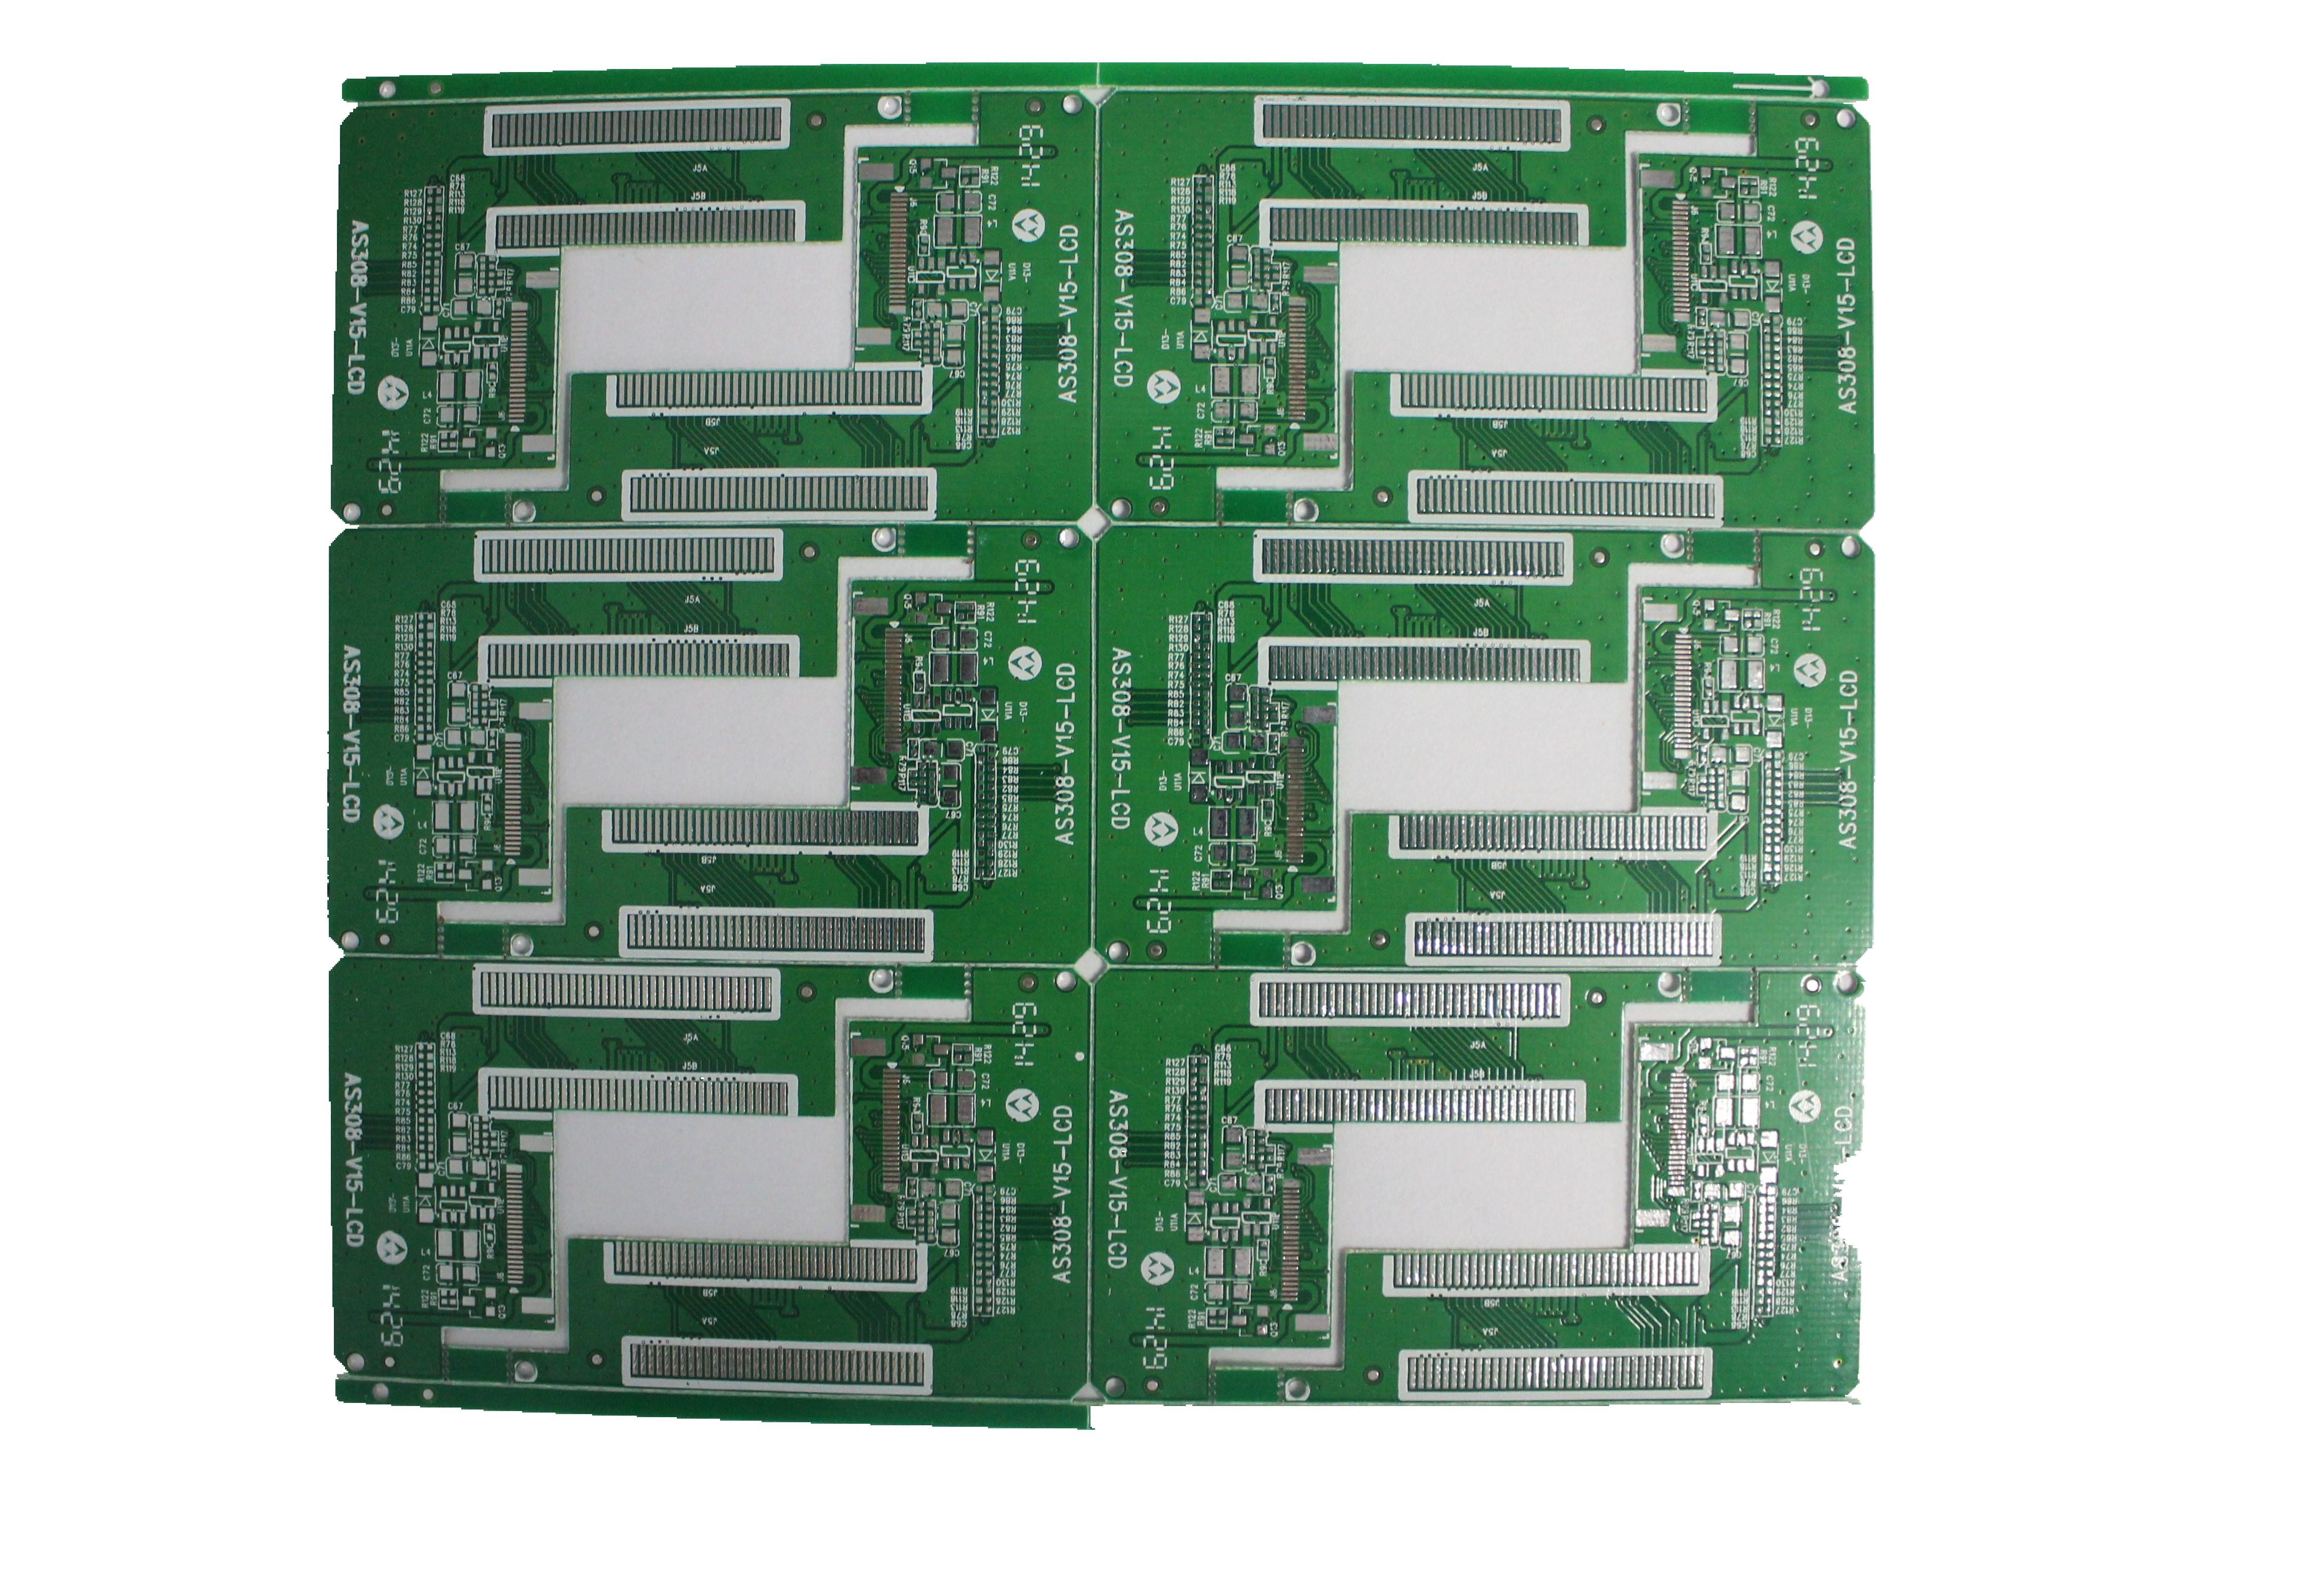 深圳市晶品鑫电子有限公司----双面印刷电路板